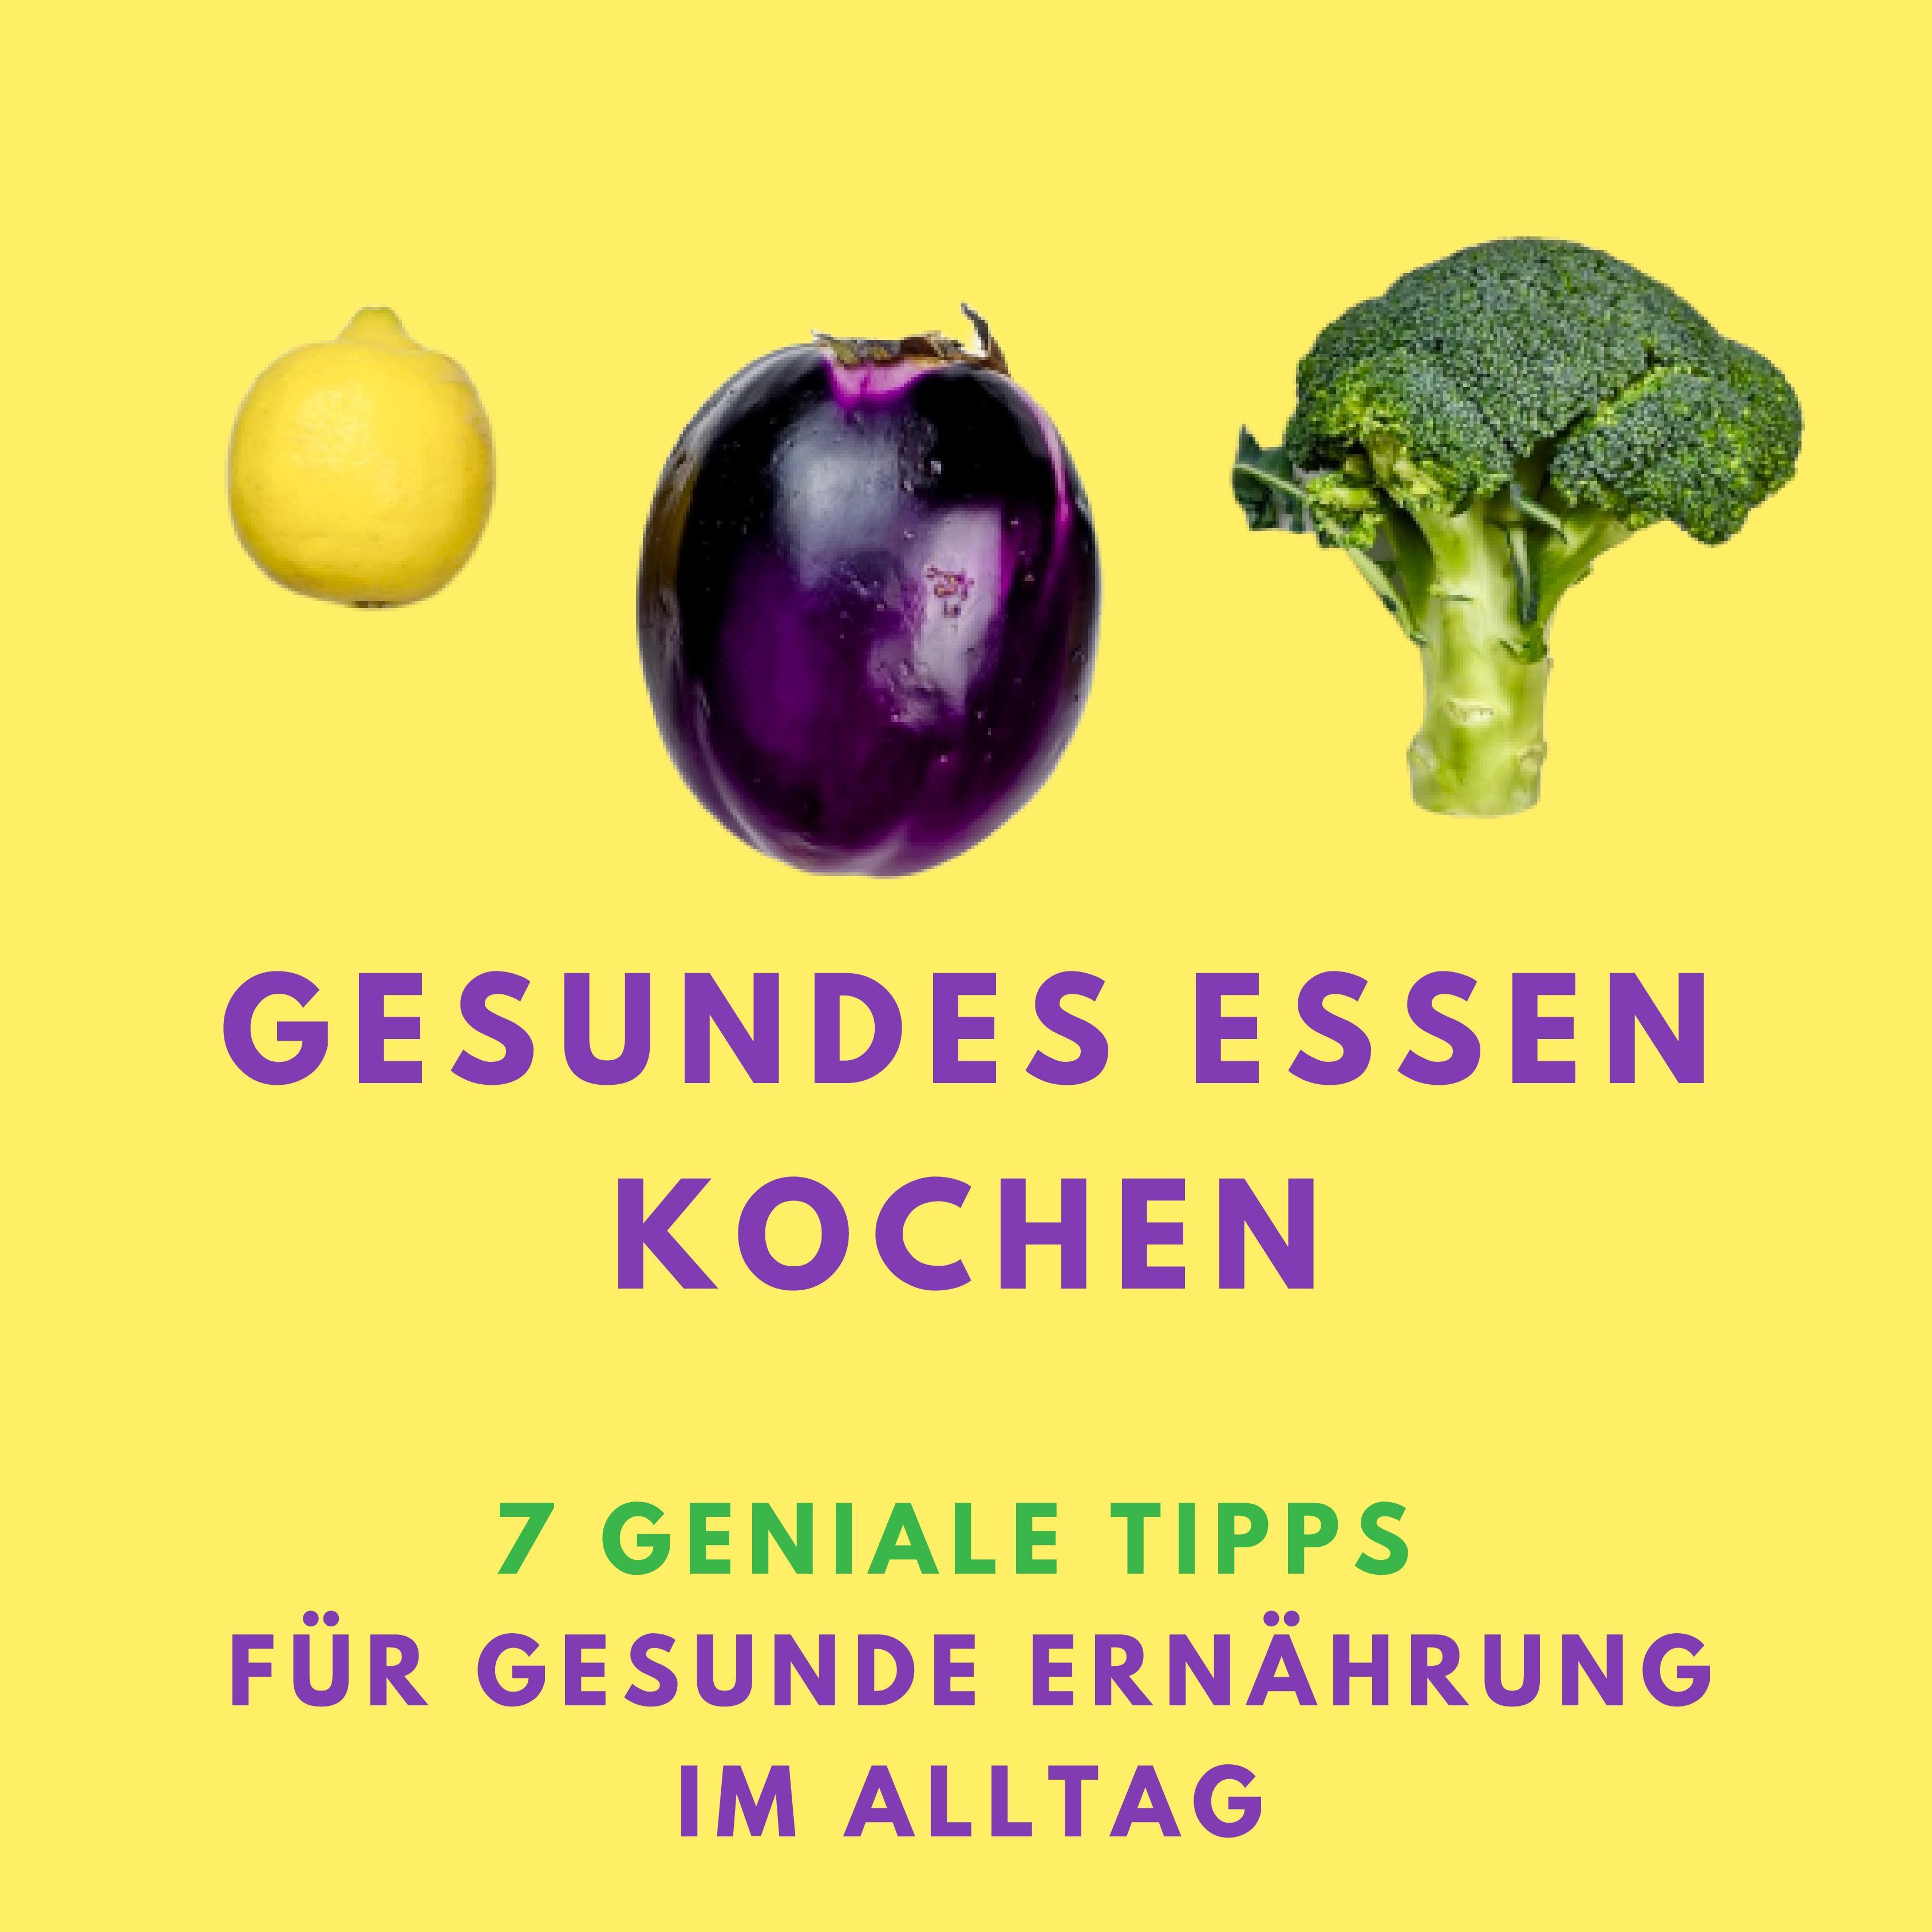 Gesundes Essen kochen: 7 geniale Tipps für gesunde Ernährung im Alltag